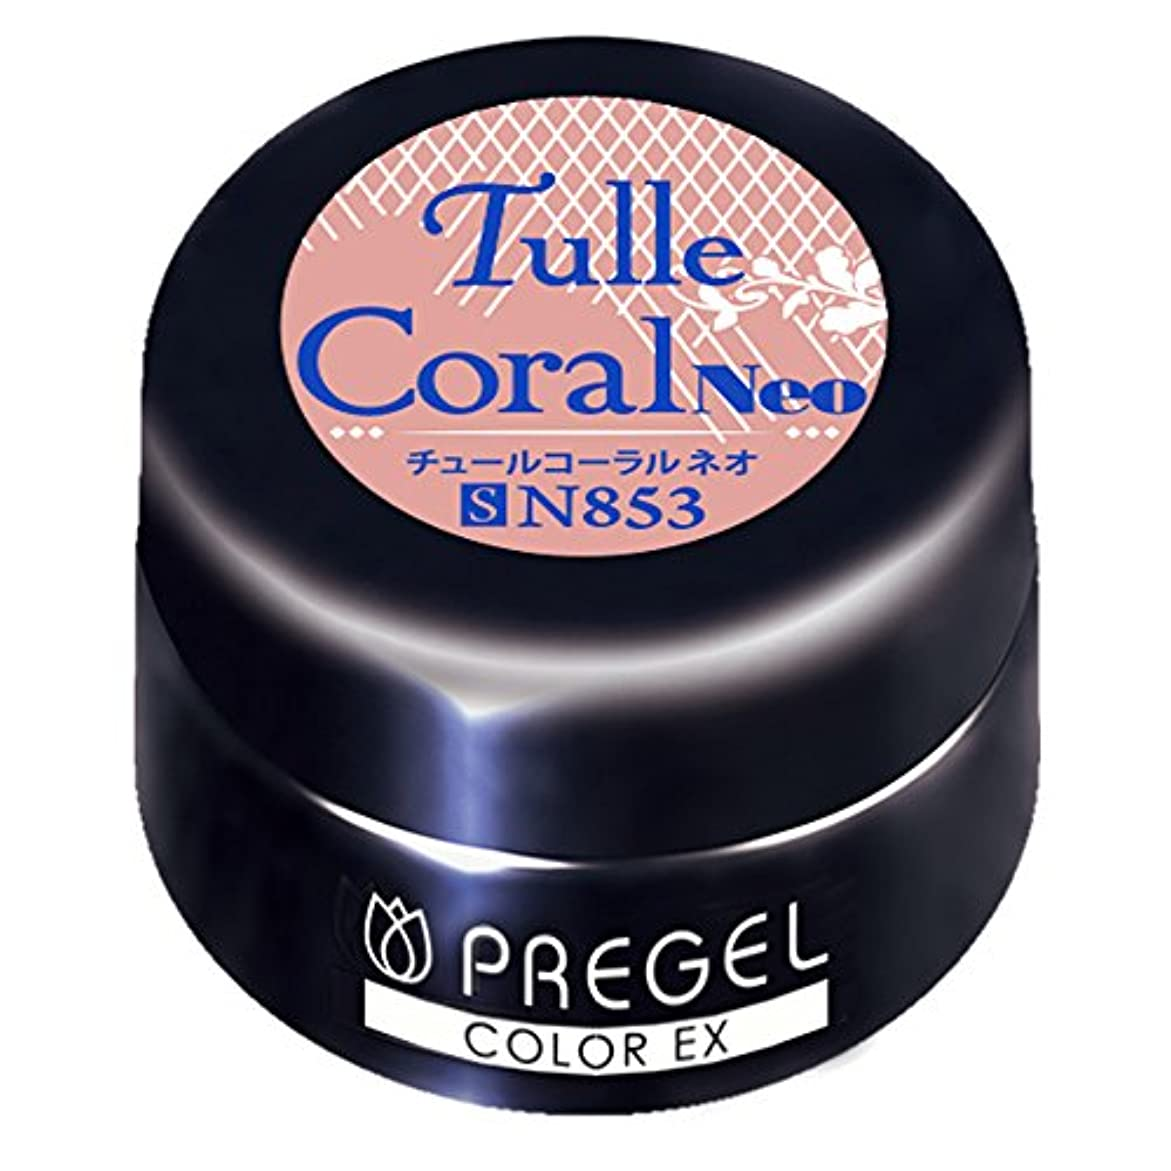 男性利用可能花瓶PRE GEL カラーEX チュールコーラルneo853 3g UV/LED対応